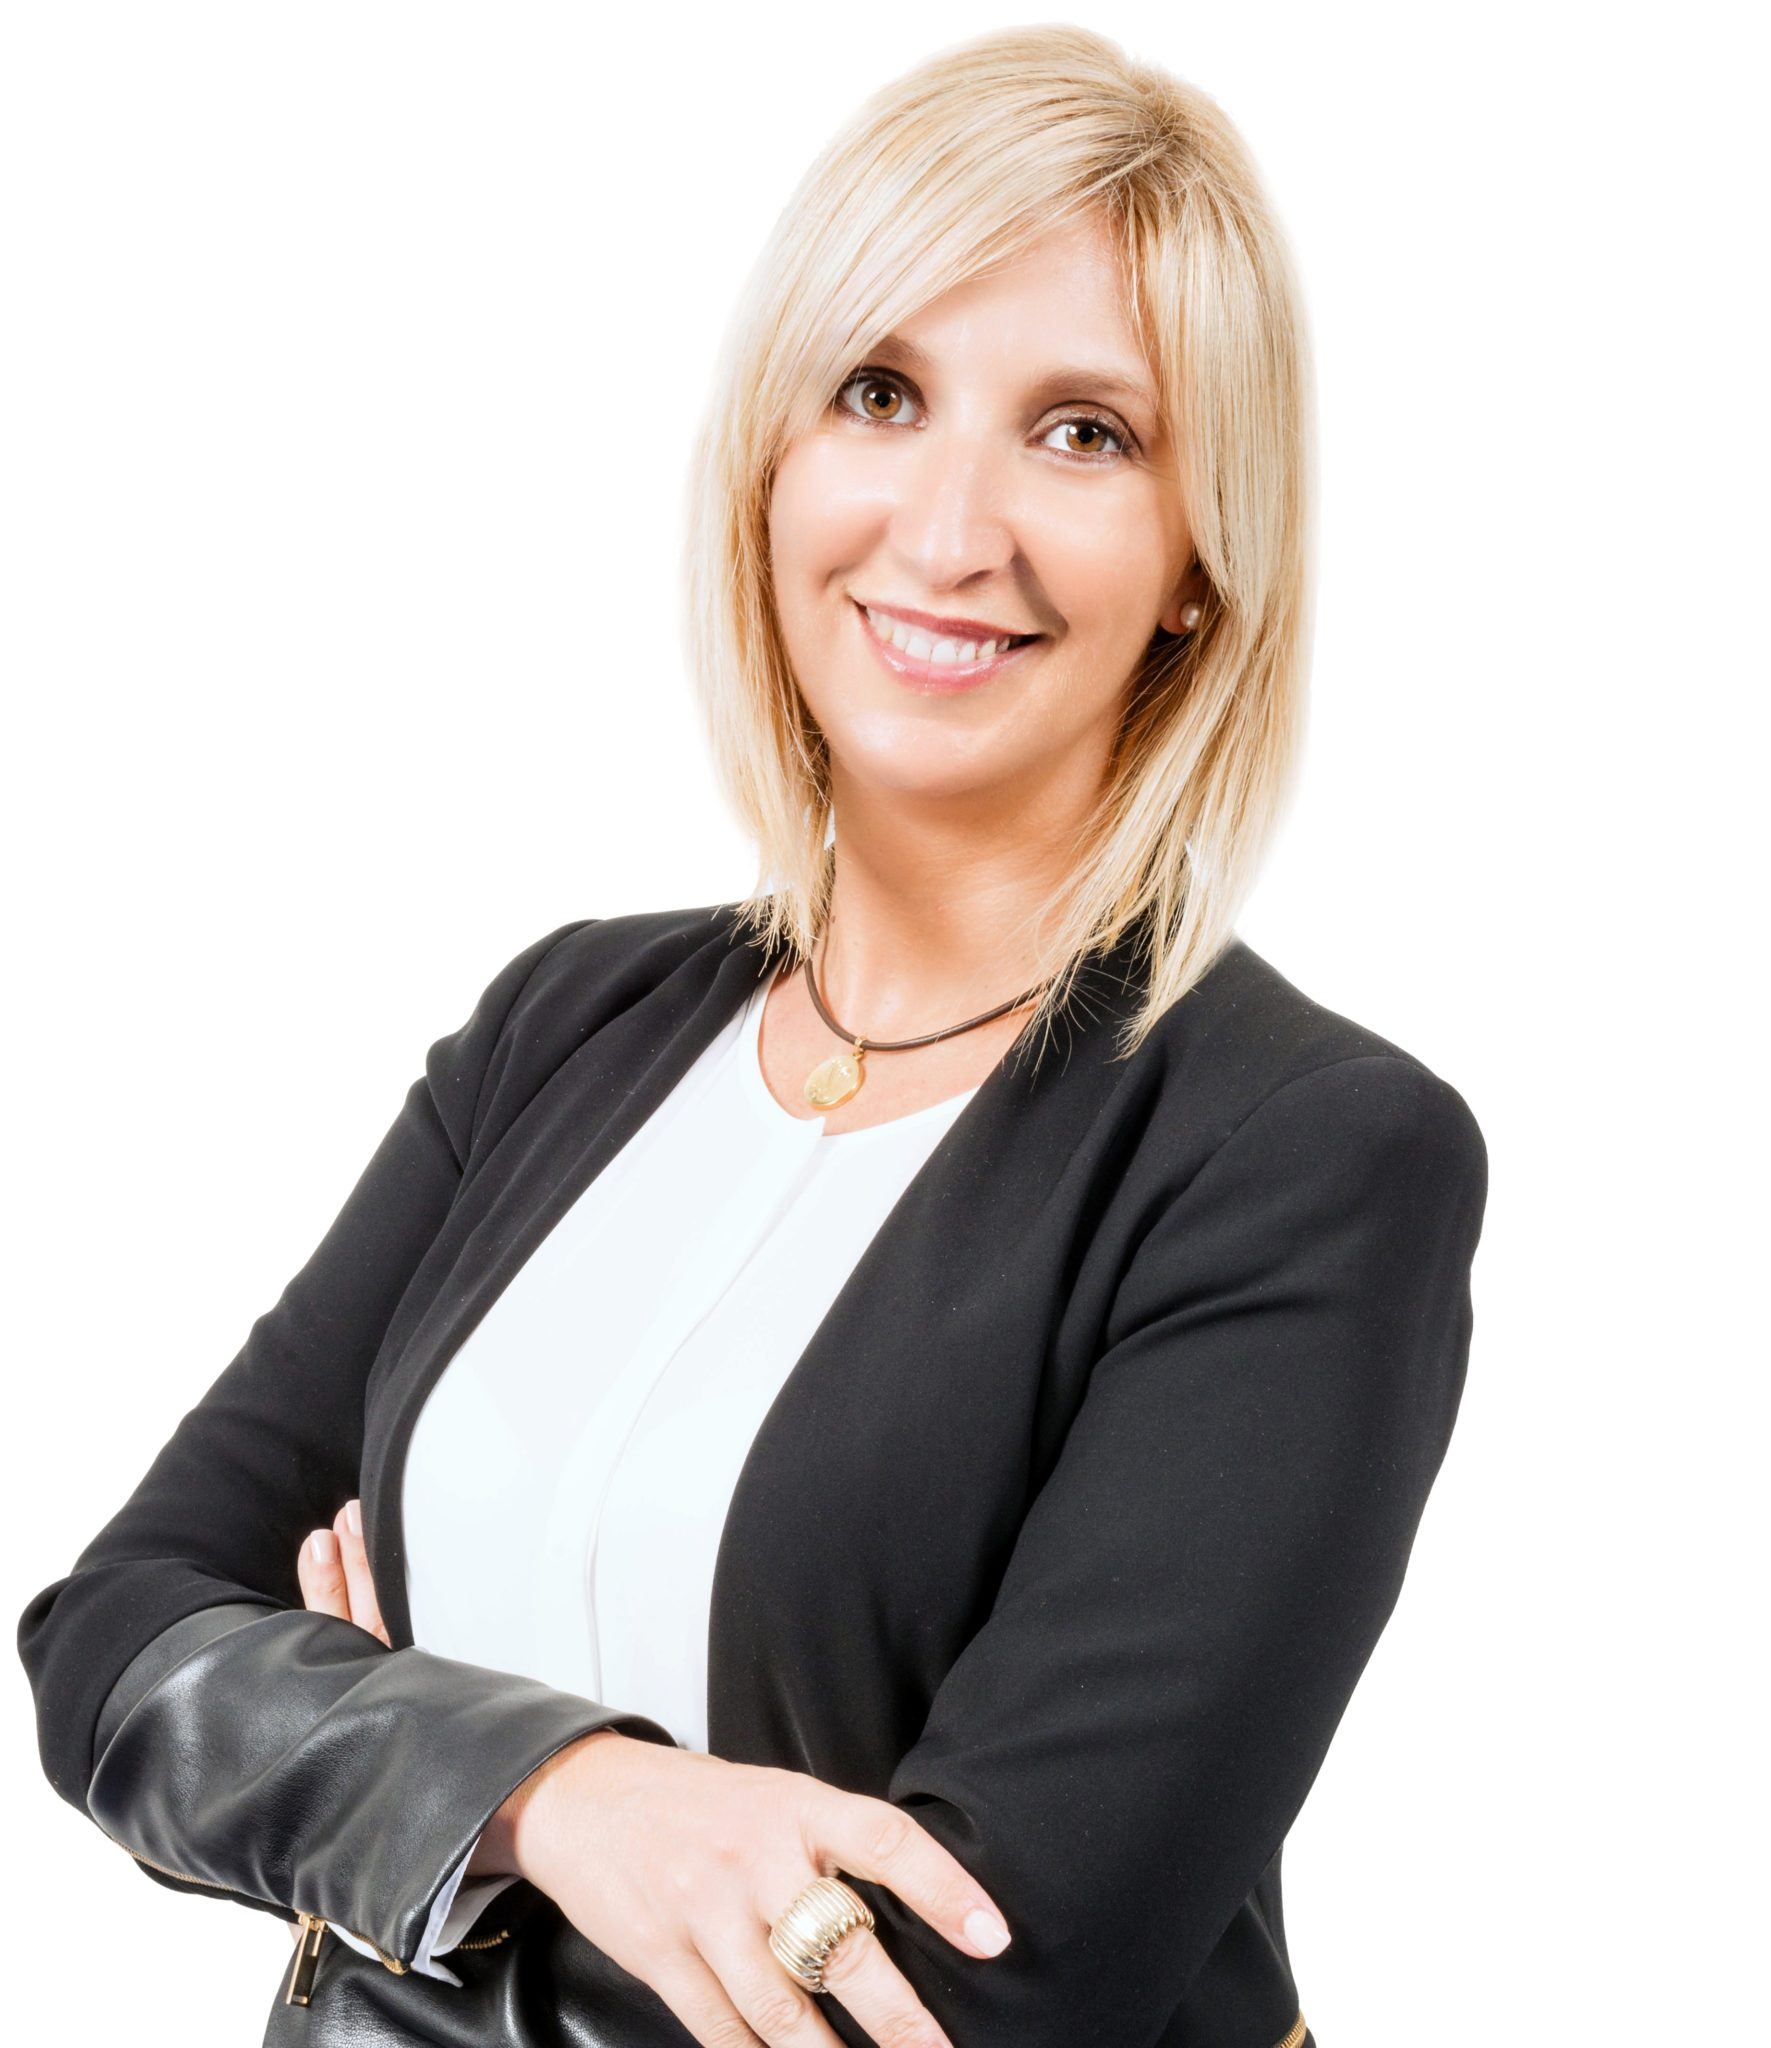 Nádia Reis, directora de relações públicas e comunicação interna, activação e responsabilidade social do Continente